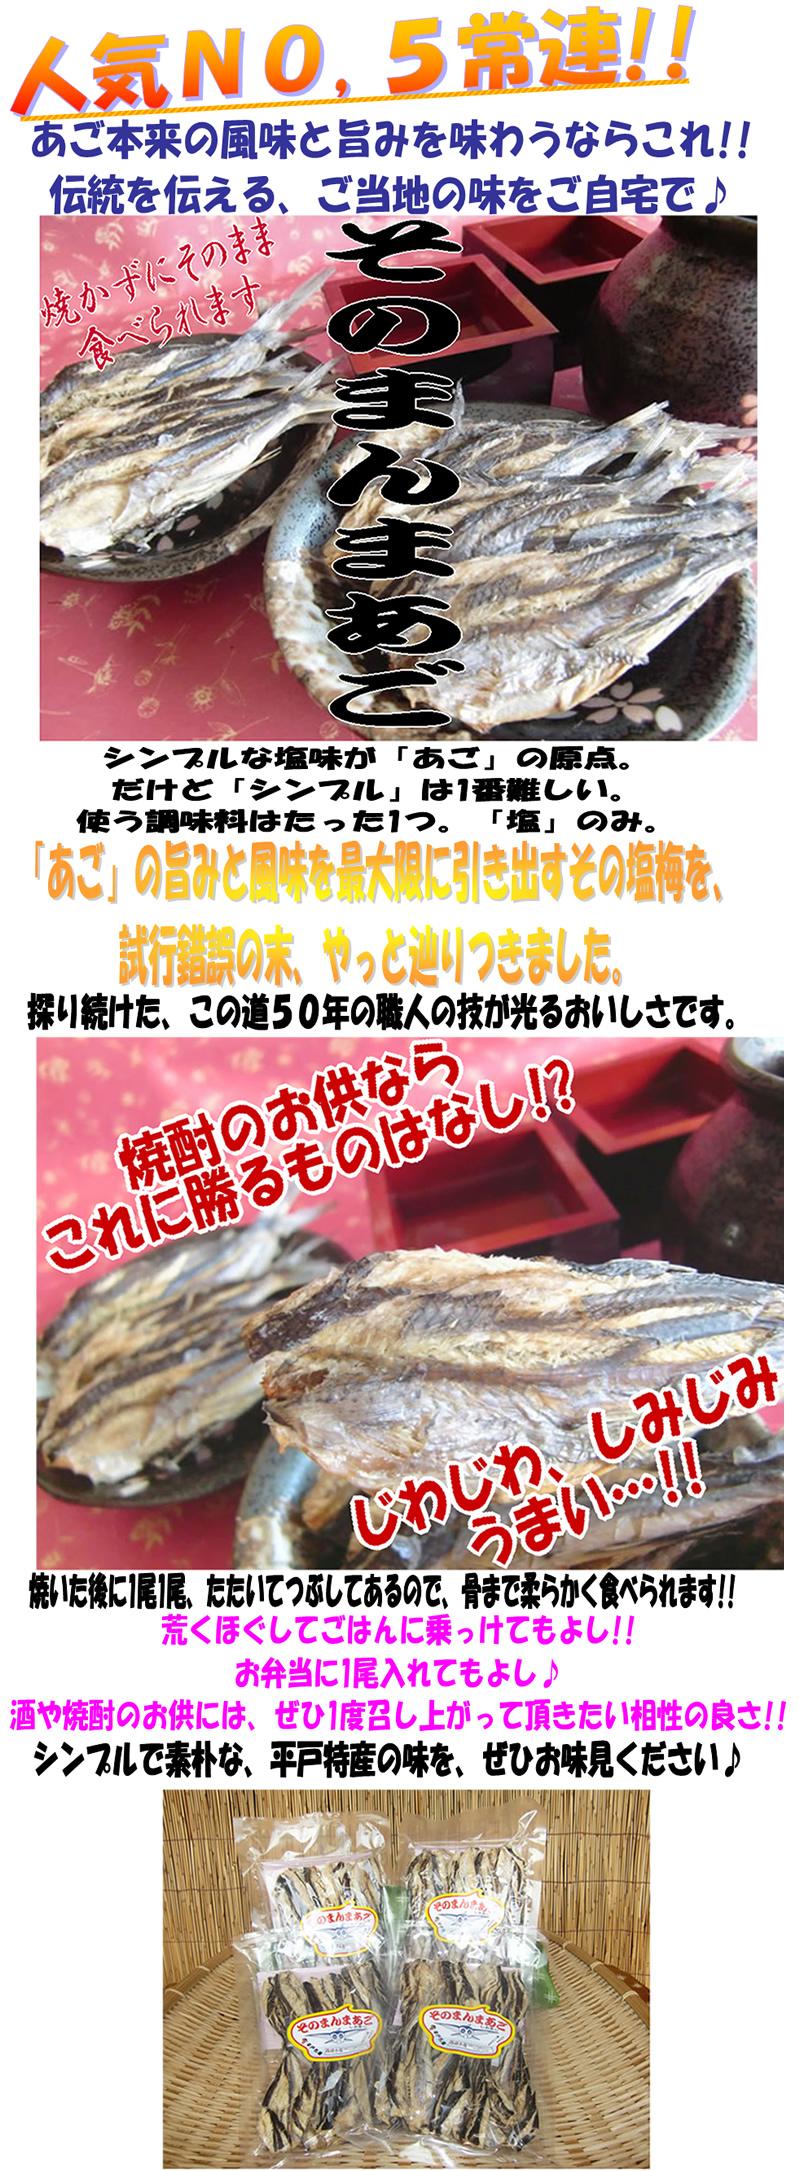 長崎・平戸の名産品 あごを伝統の塩味で